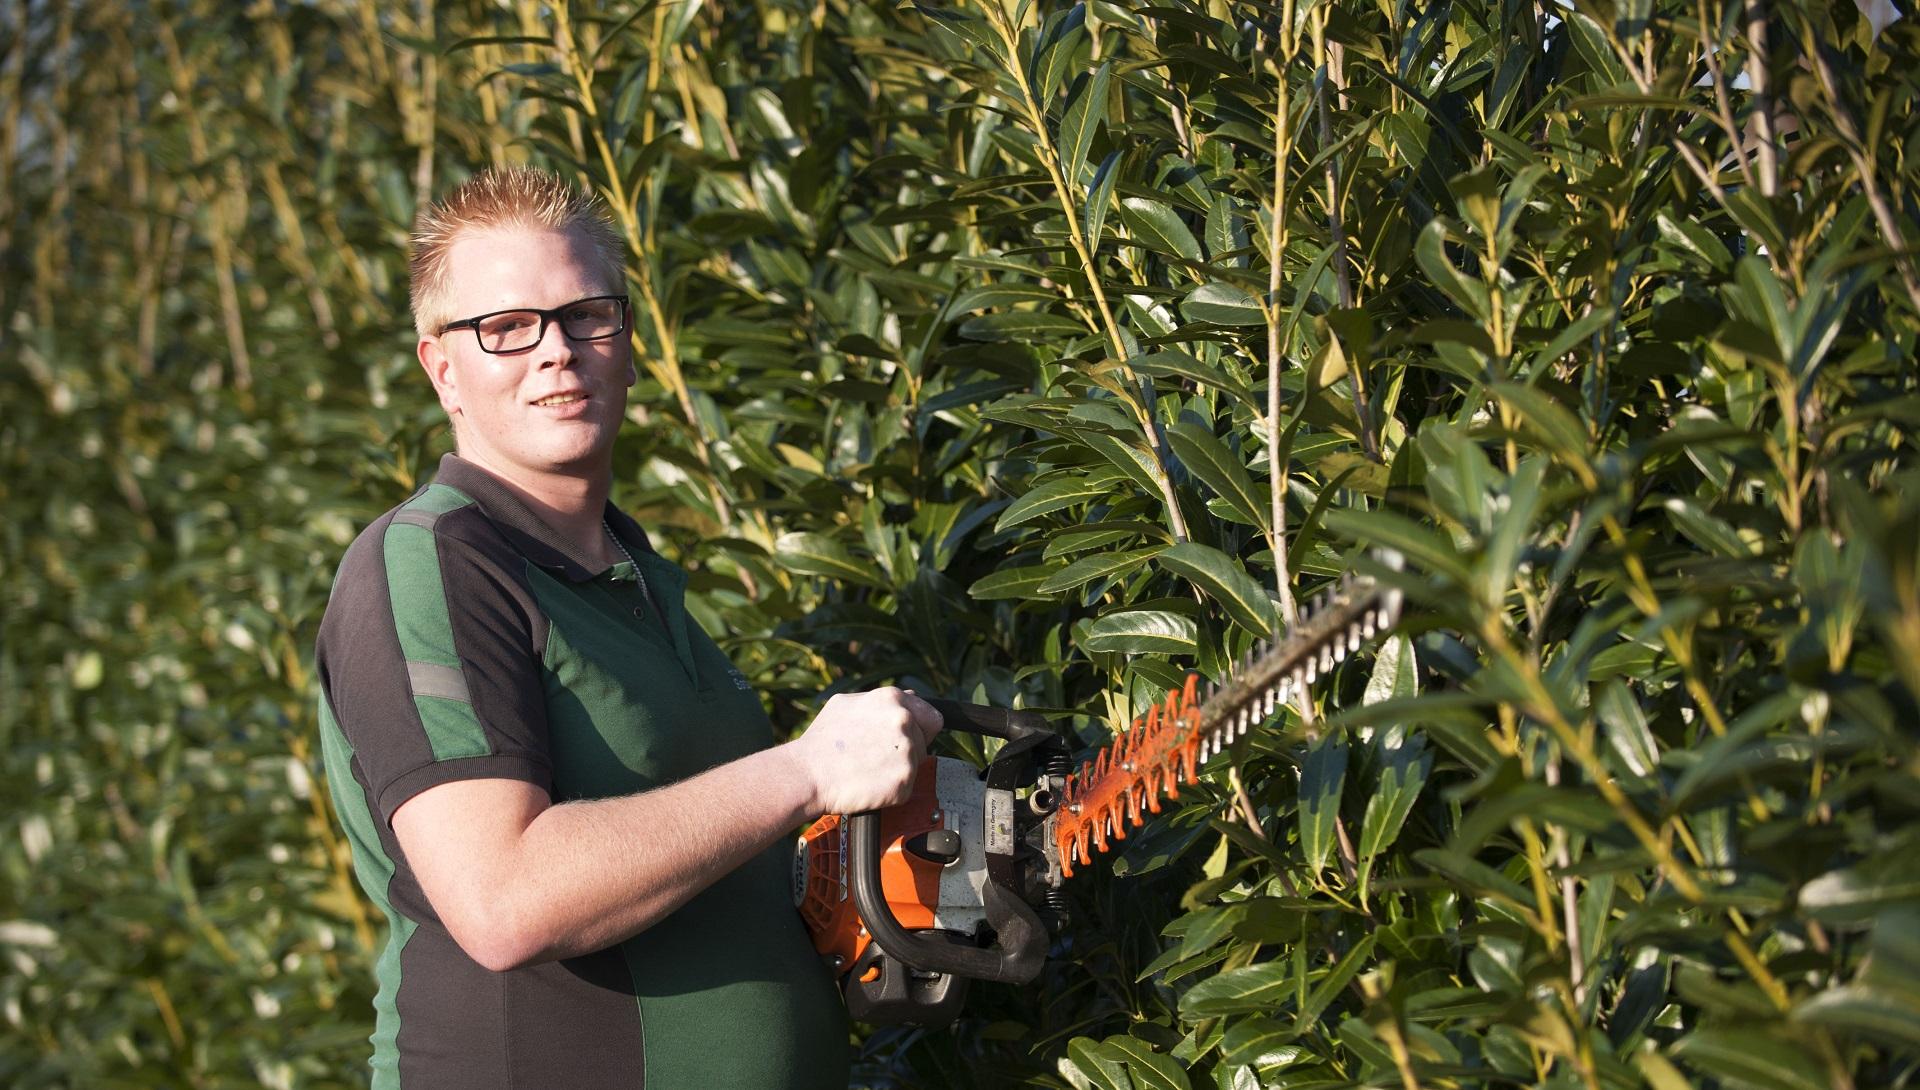 Hoveniersbedrijf Weerman snoeien van hagen